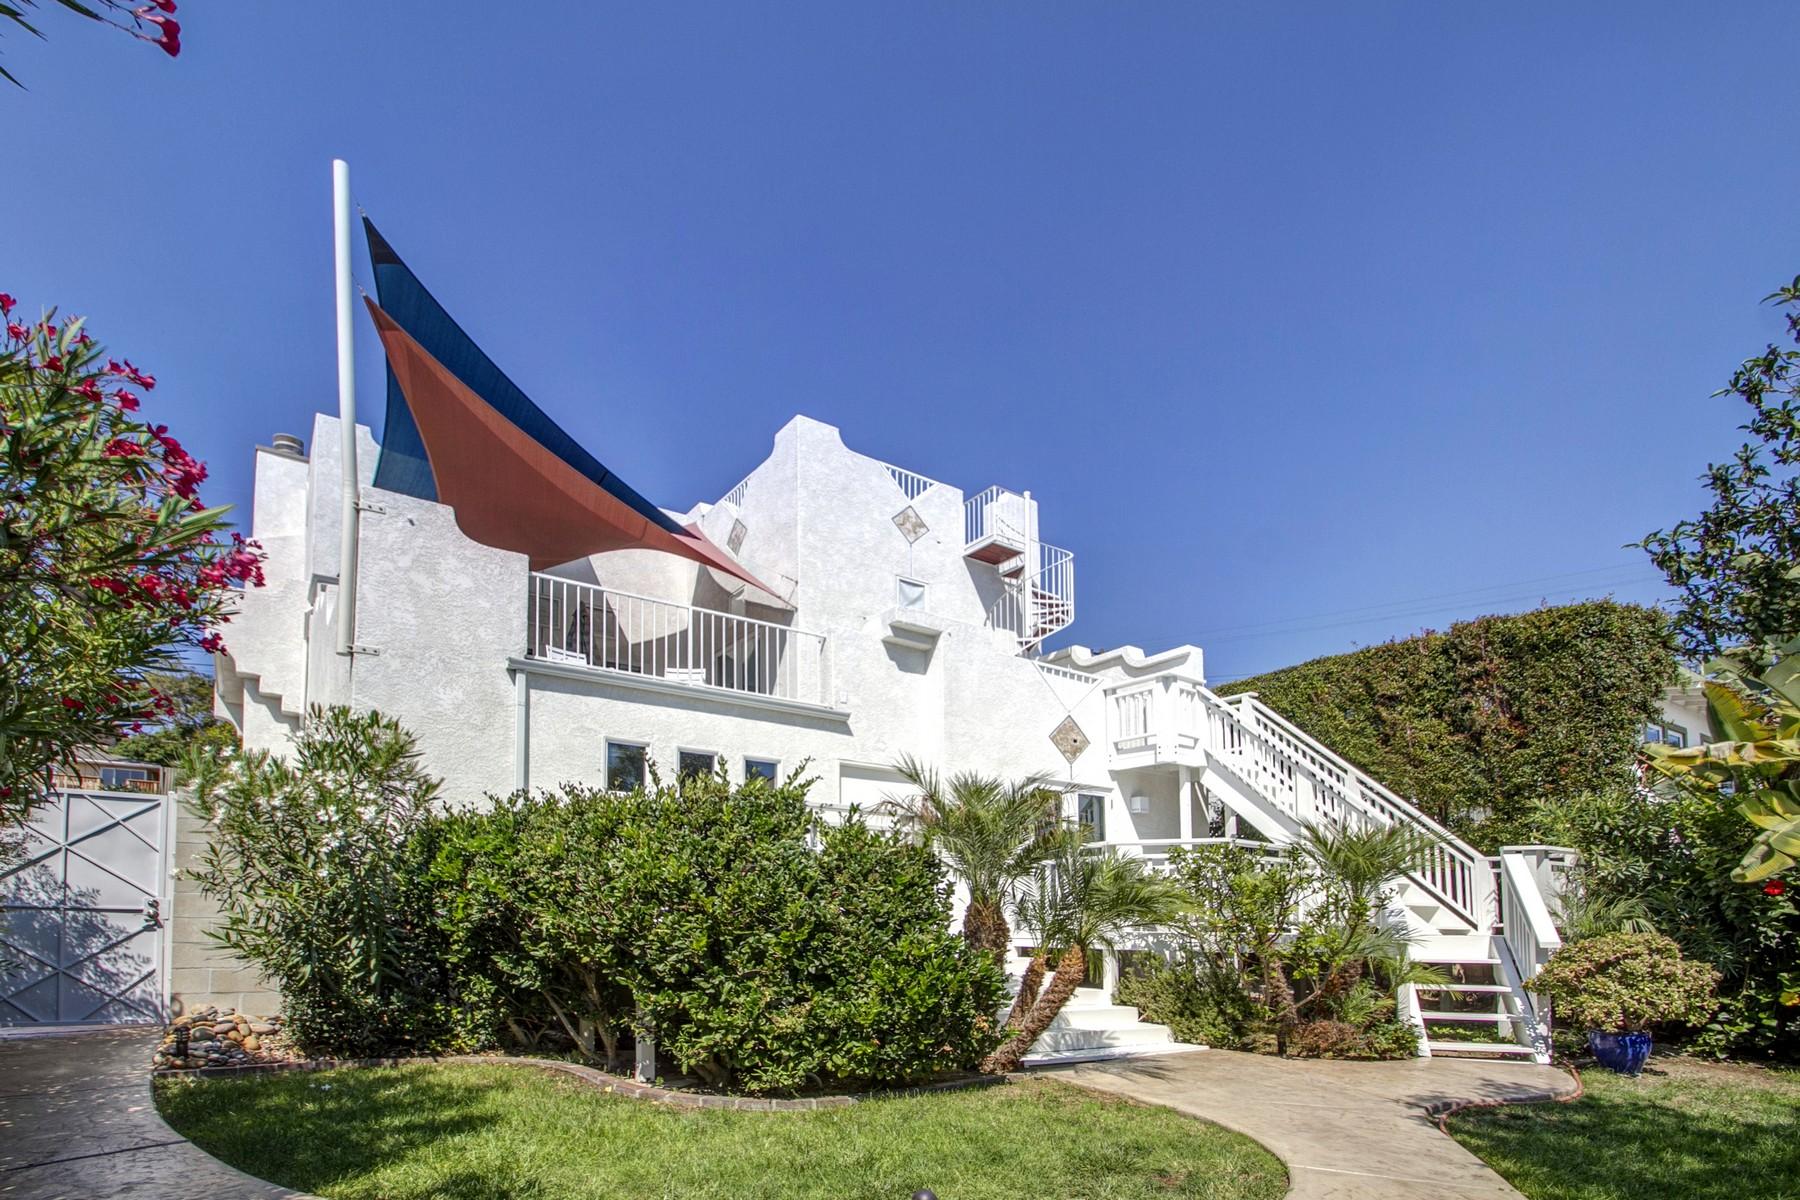 Maison unifamiliale pour l Vente à 1811 Guy Street Mission Hills, San Diego, Californie 92103 États-Unis